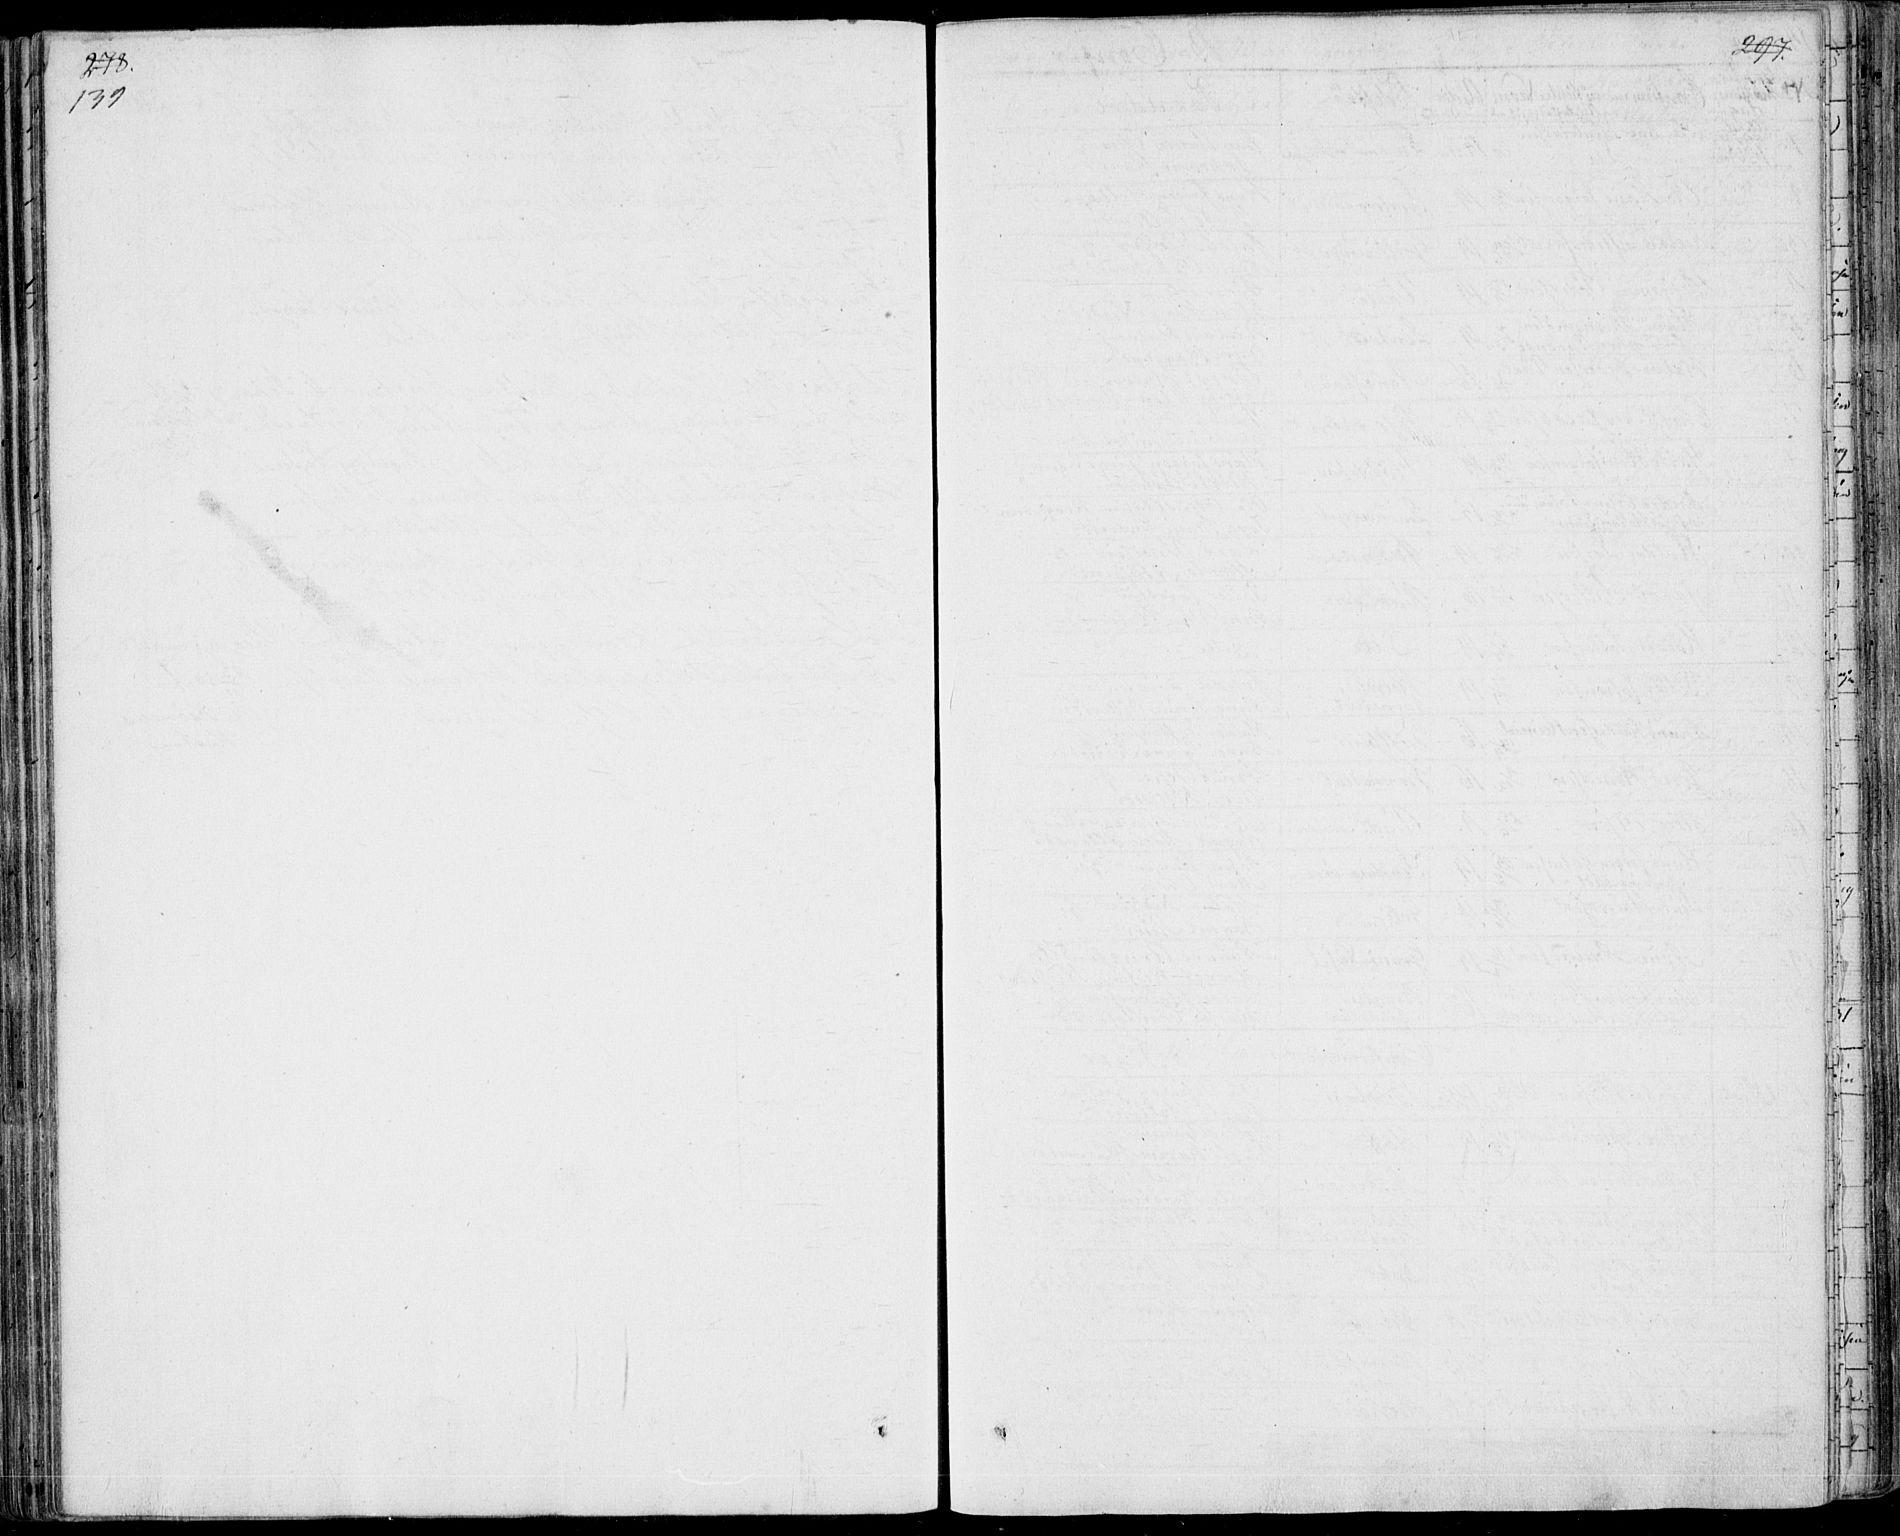 SAKO, Sandsvær kirkebøker, F/Fa/L0005: Ministerialbok nr. I 5, 1840-1856, s. 296-297